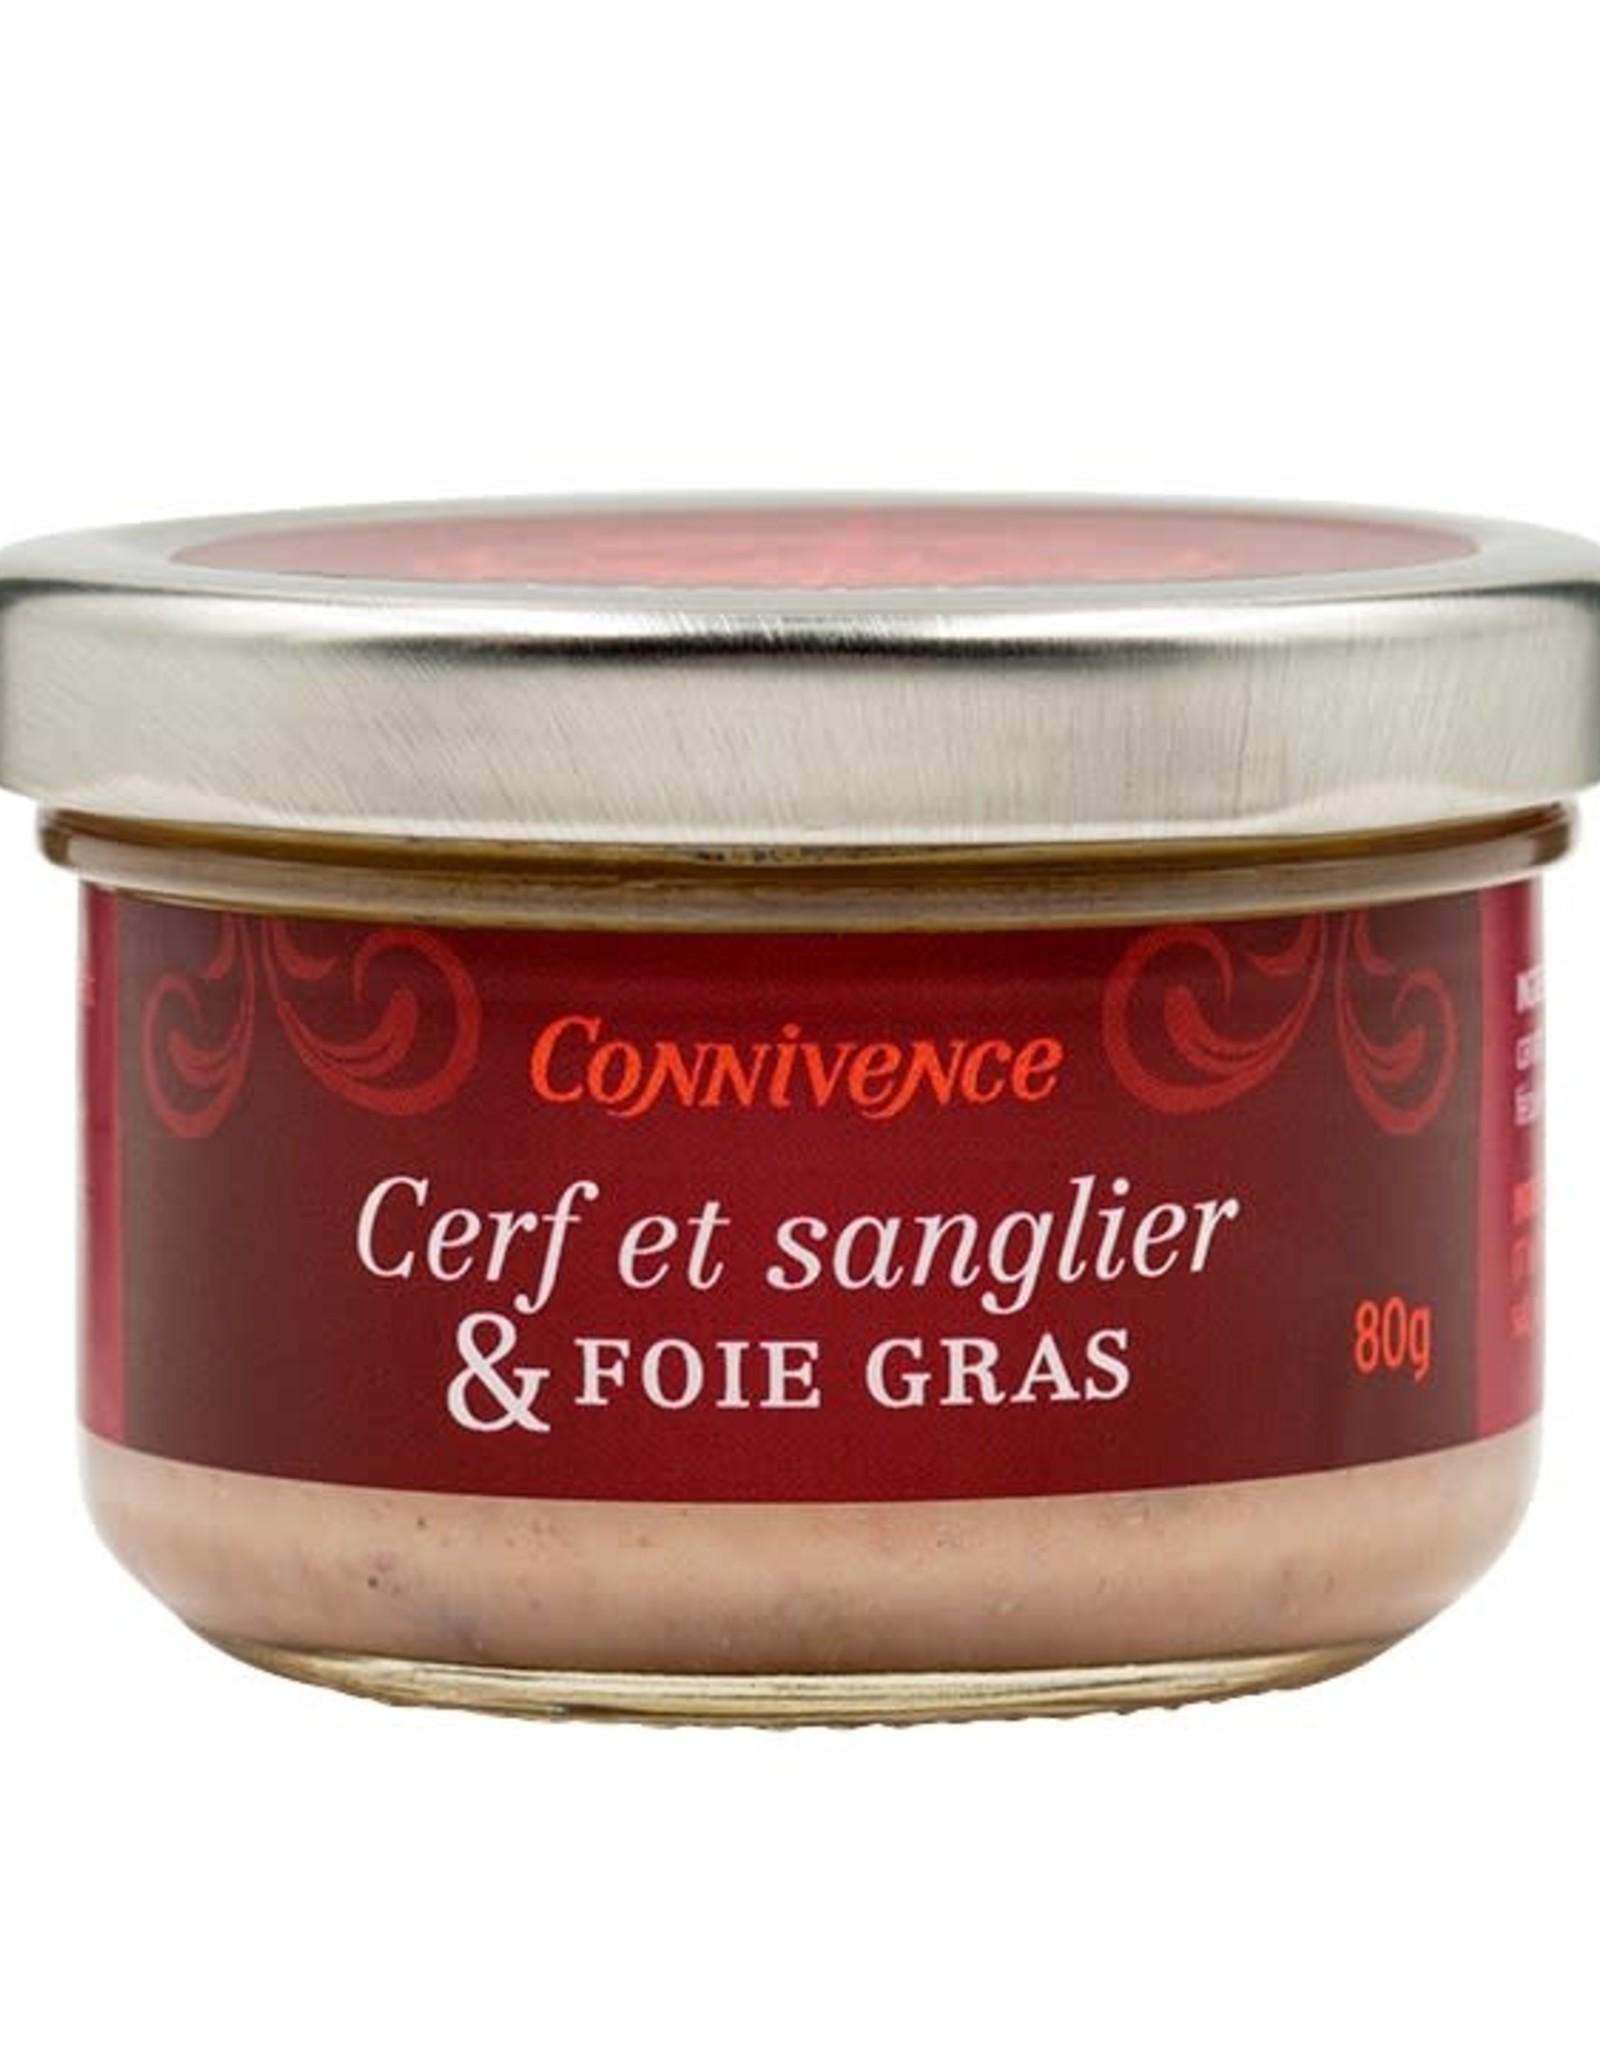 Terrine de cerf et sanglier & Foie gras